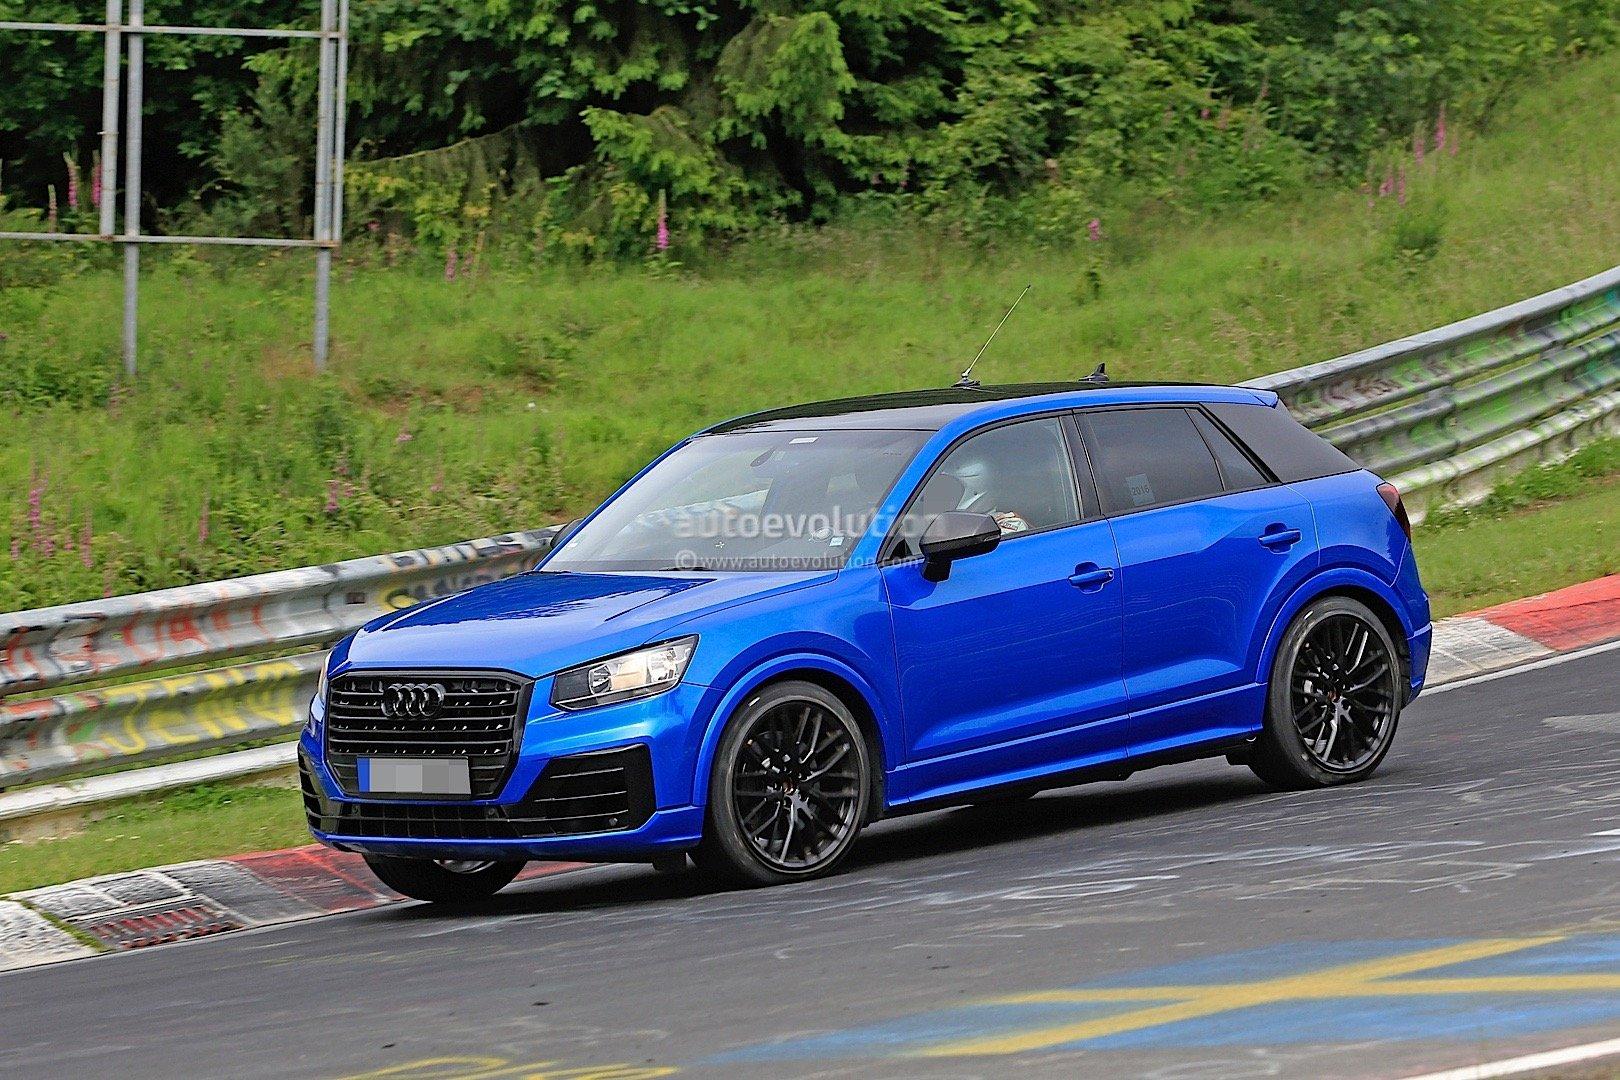 2017 Audi SQ2